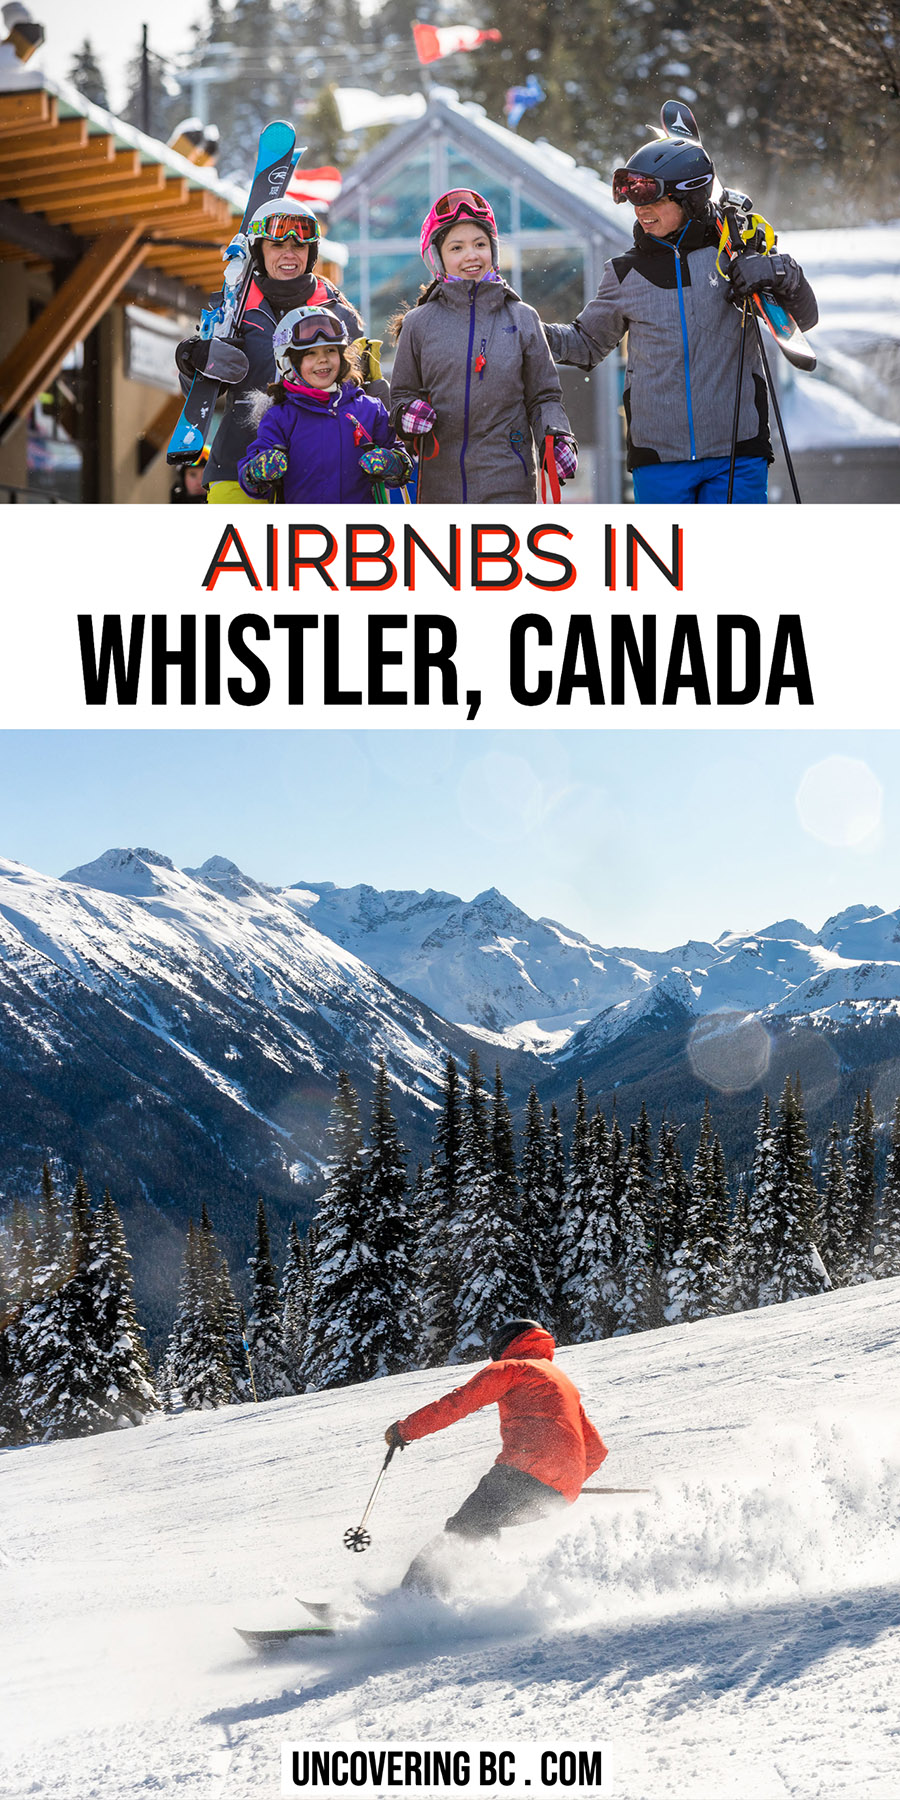 Condo renal Whistler Airbnb